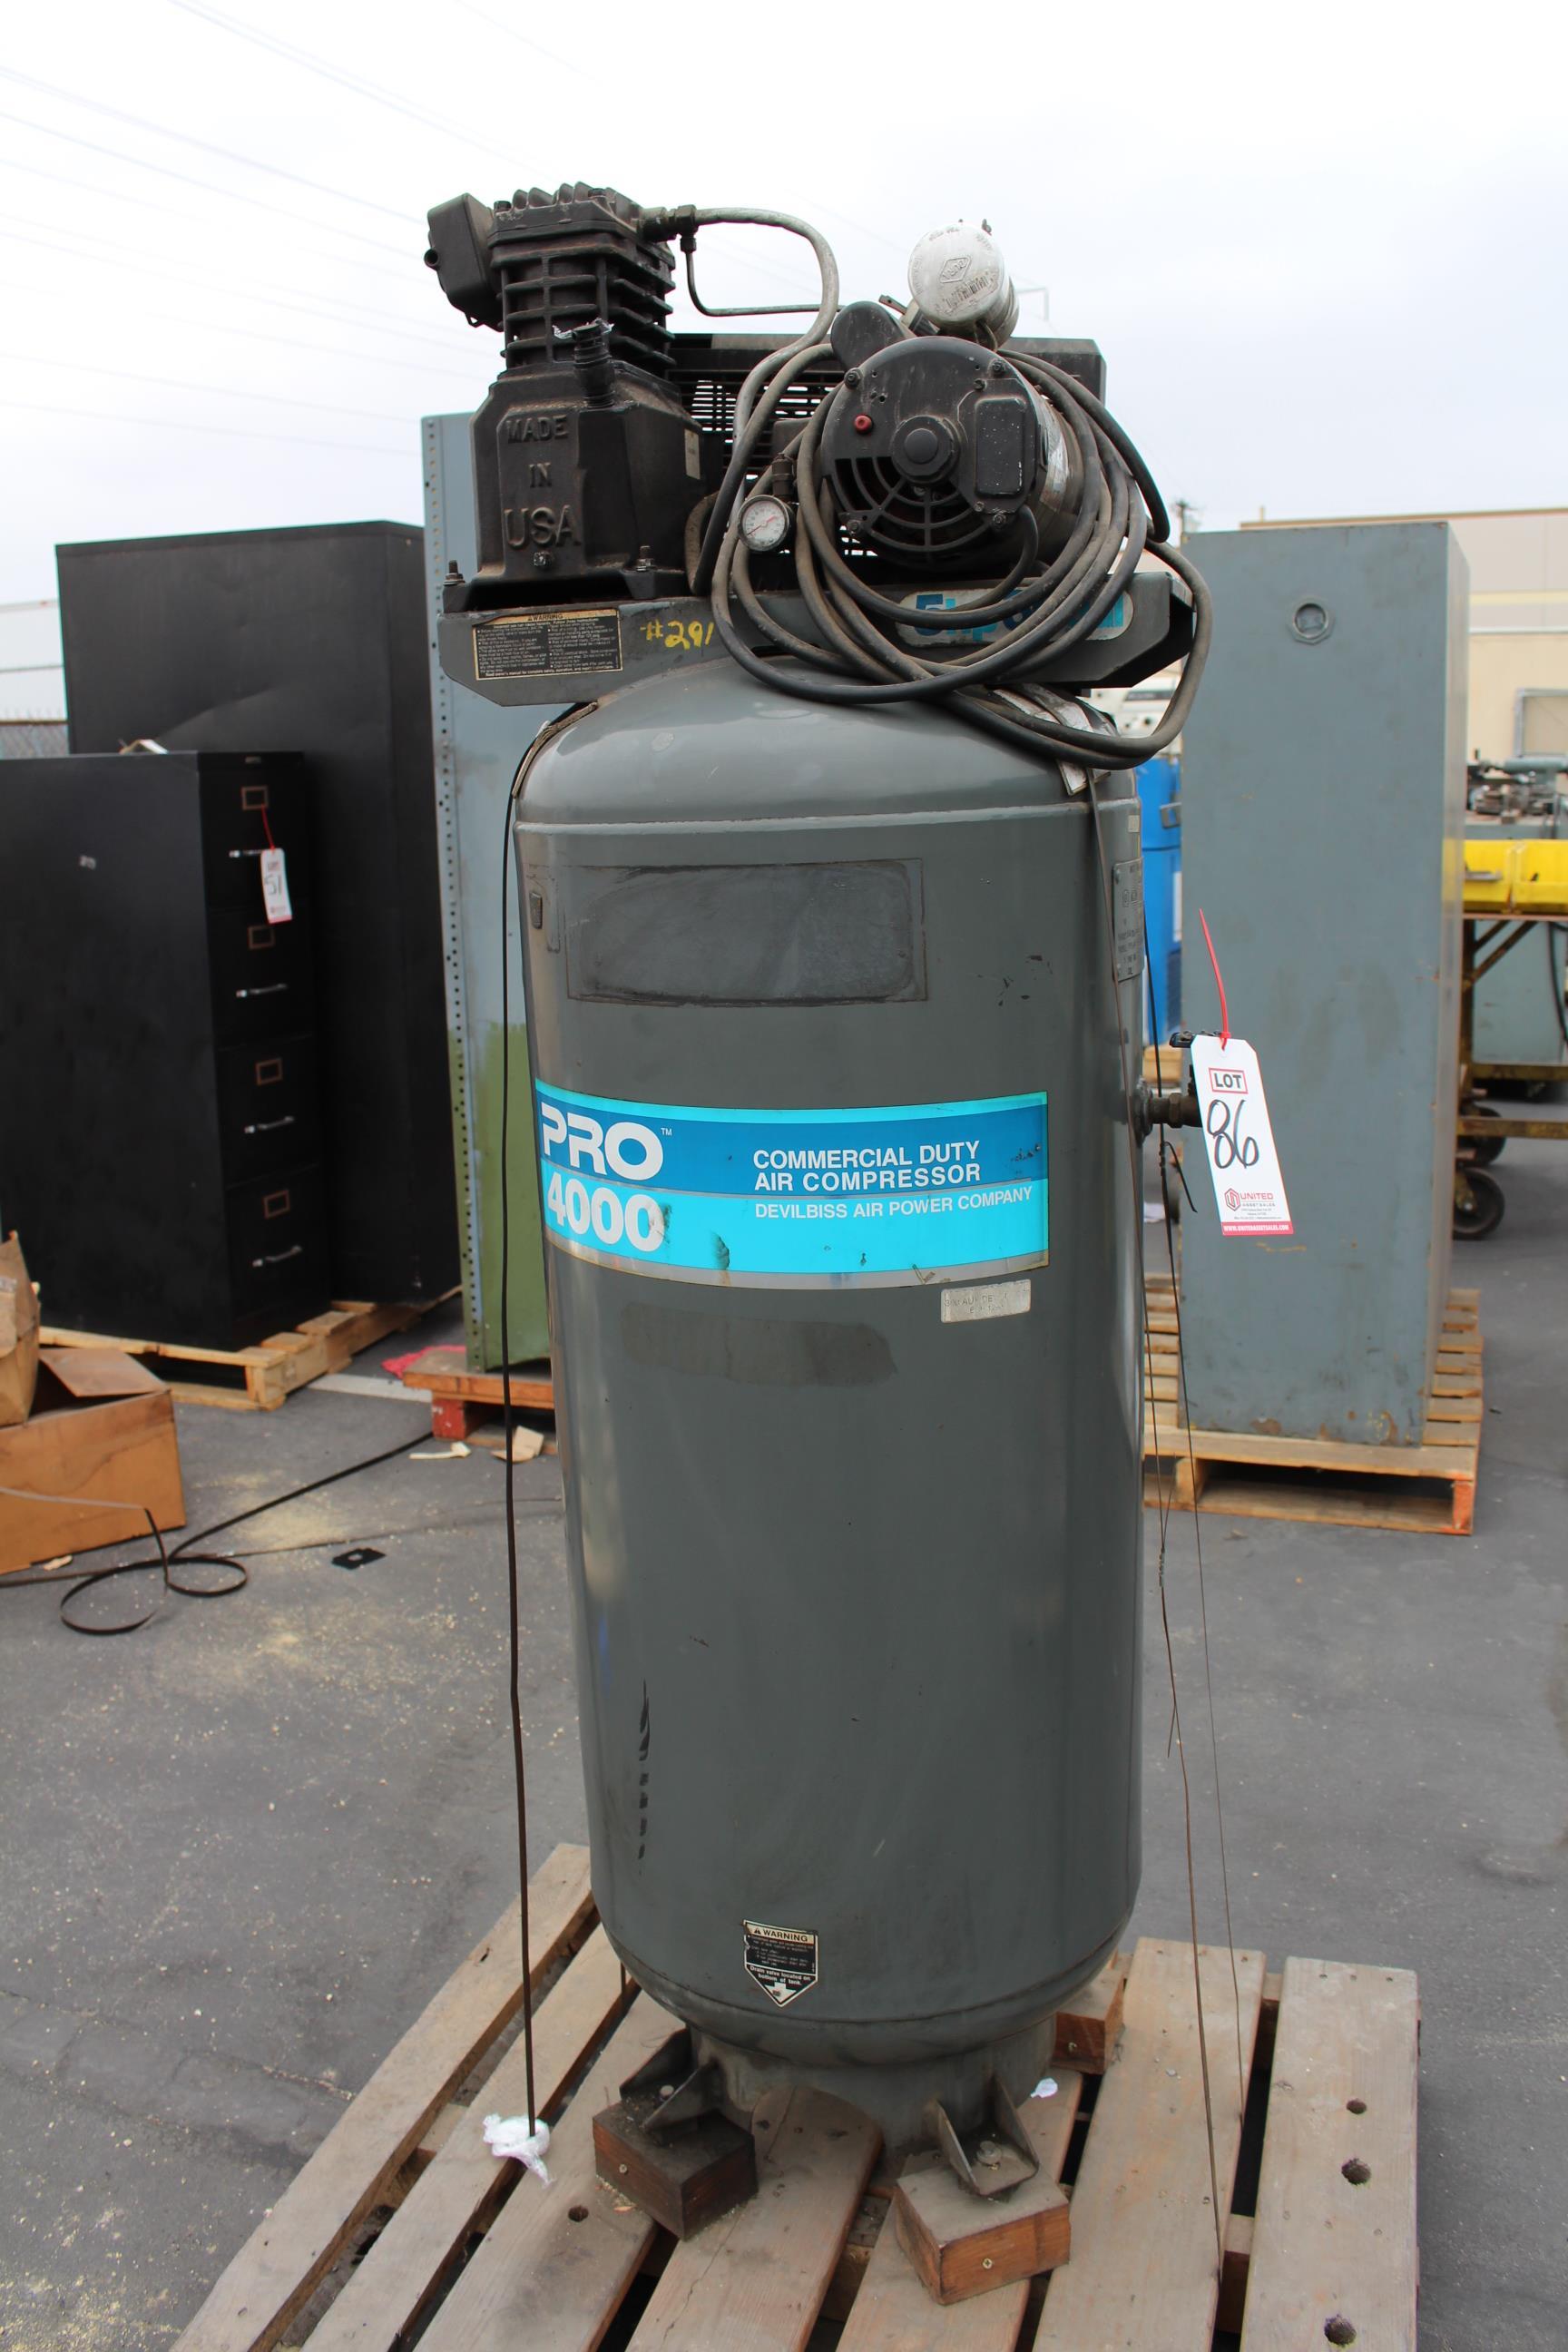 Lot 86 - DEVILBLISS PRO 4000 5HP VERTICAL AIR COMPRESSOR